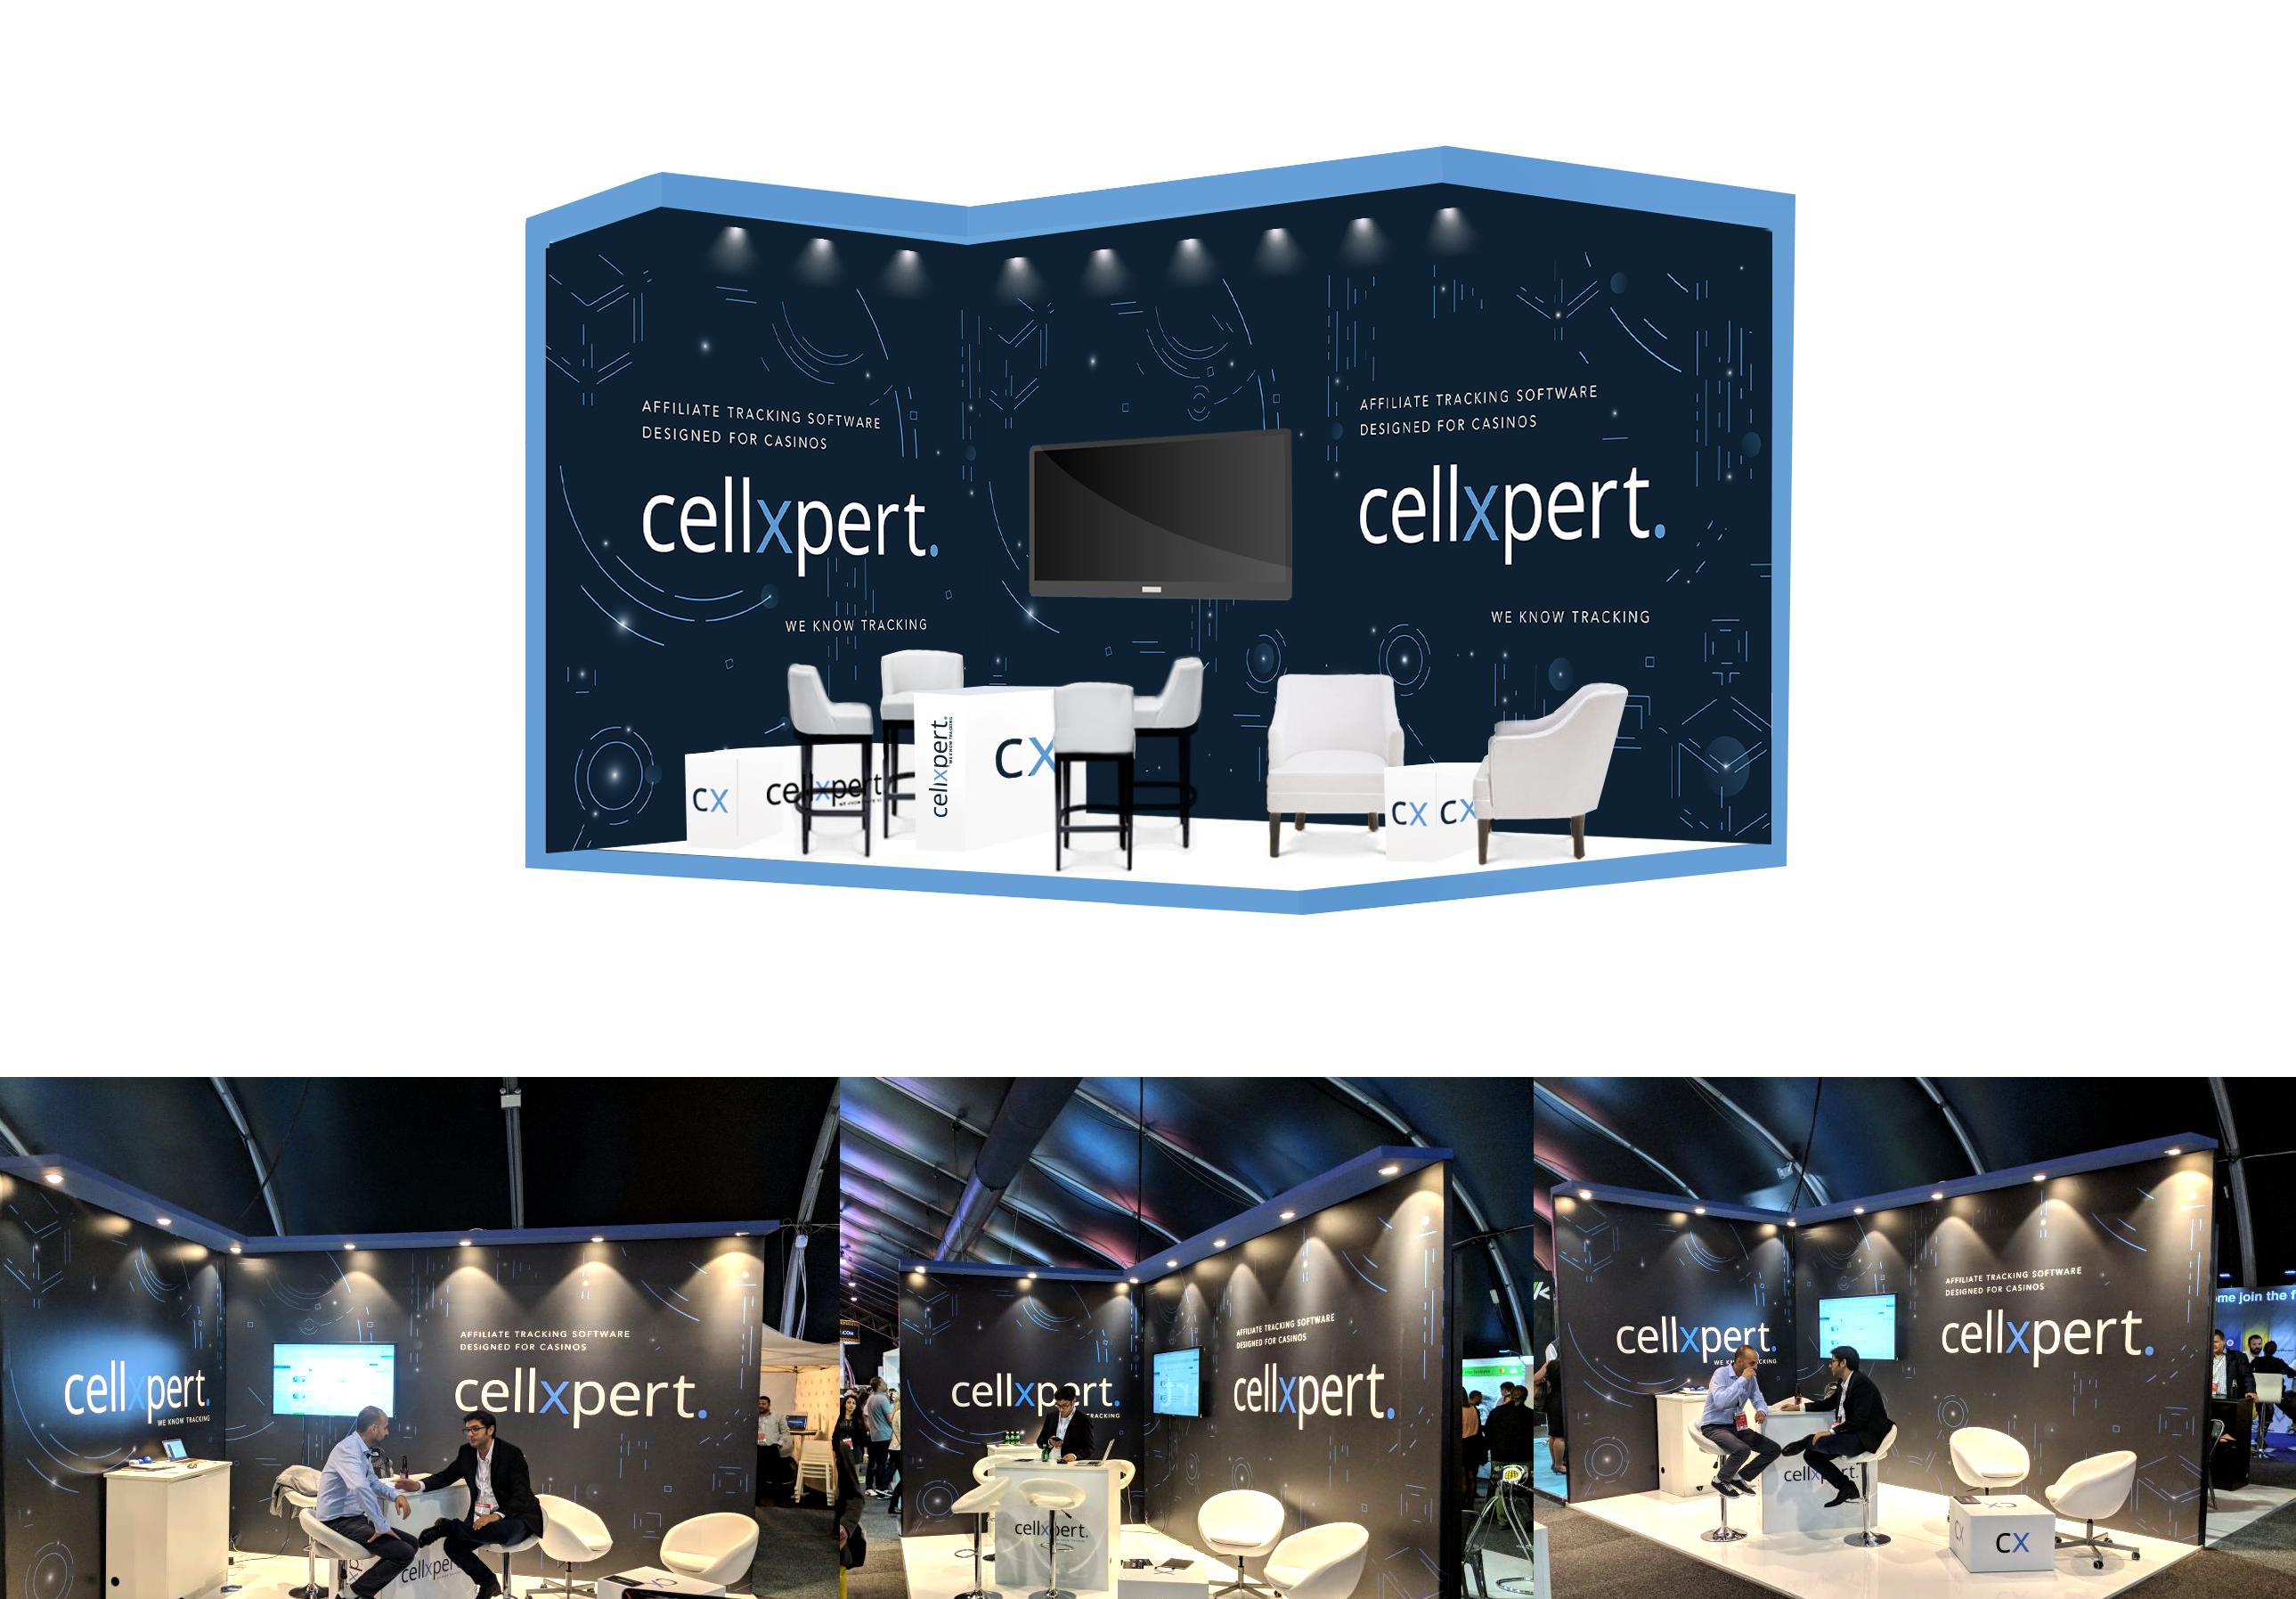 cellexpert_booth_draftx